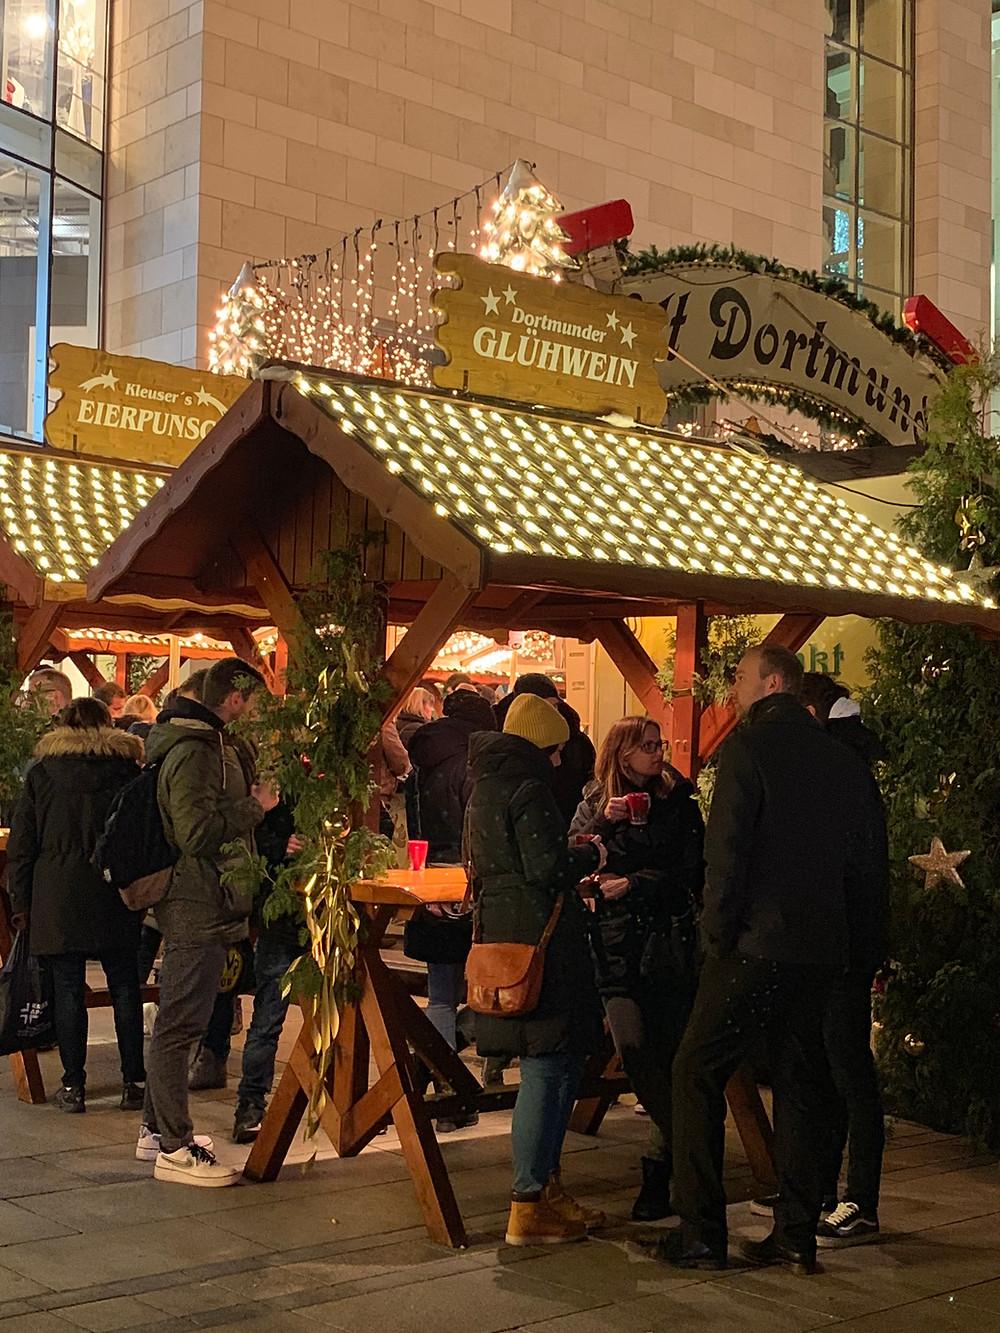 Dortmund Christmas Market, Germany